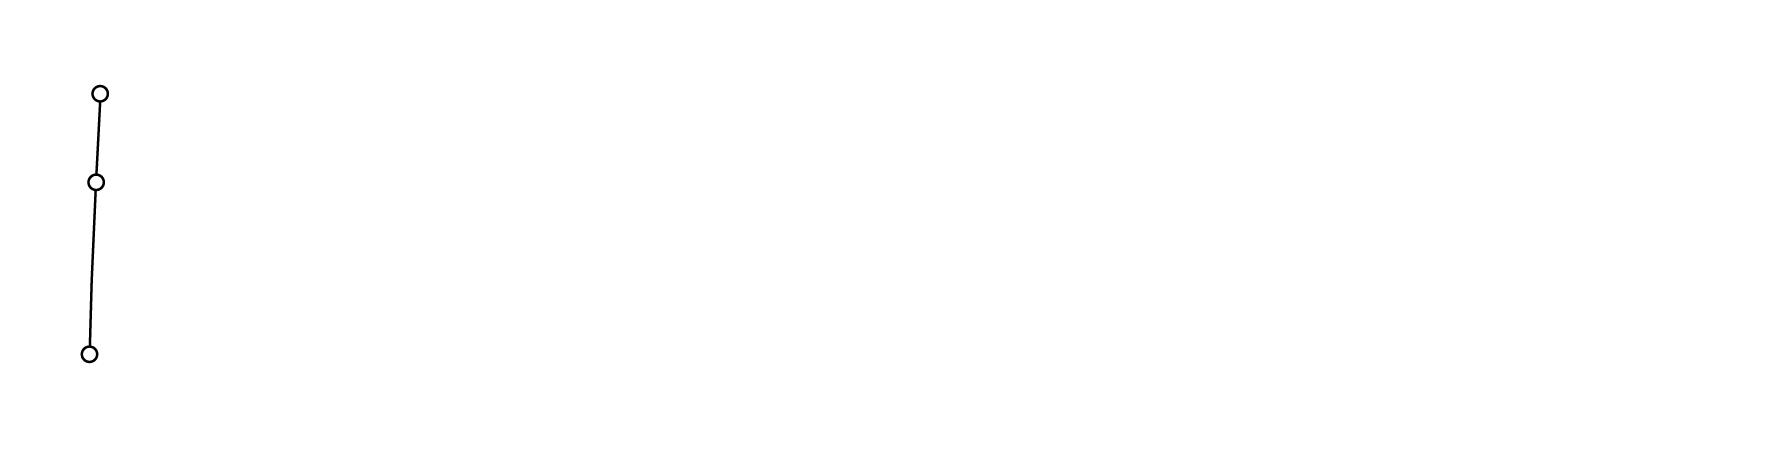 頭痛・肩こりのお悩み解決|滋賀県草津市の姿勢矯正整体・姿勢矯正スタジオラクト